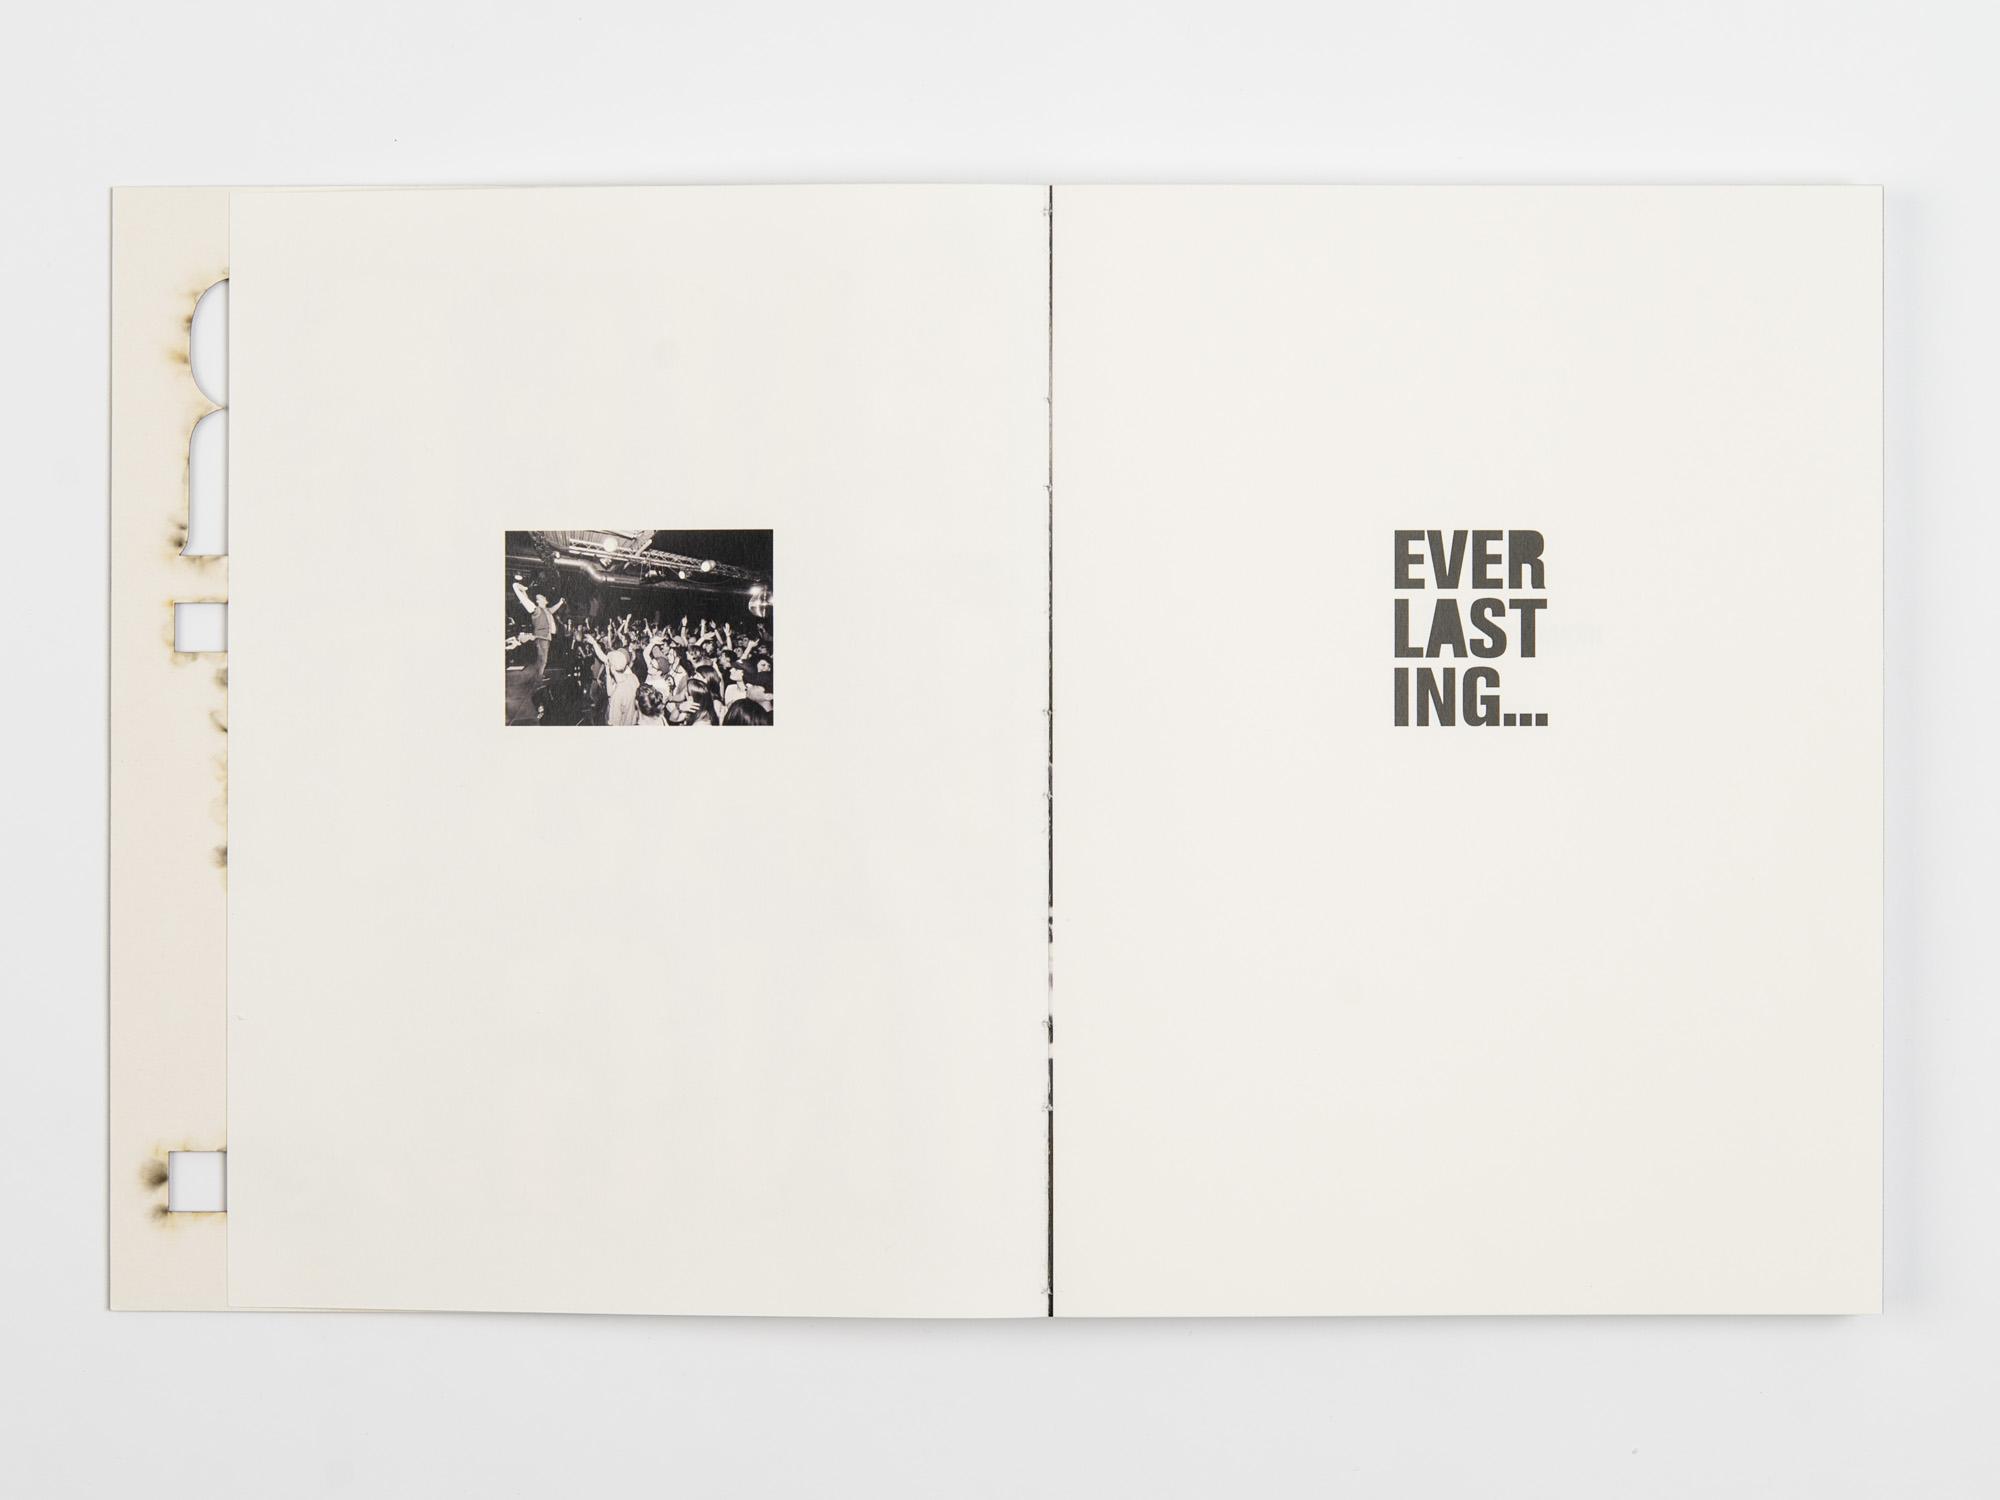 everlasting_sve9816©svenweber_website